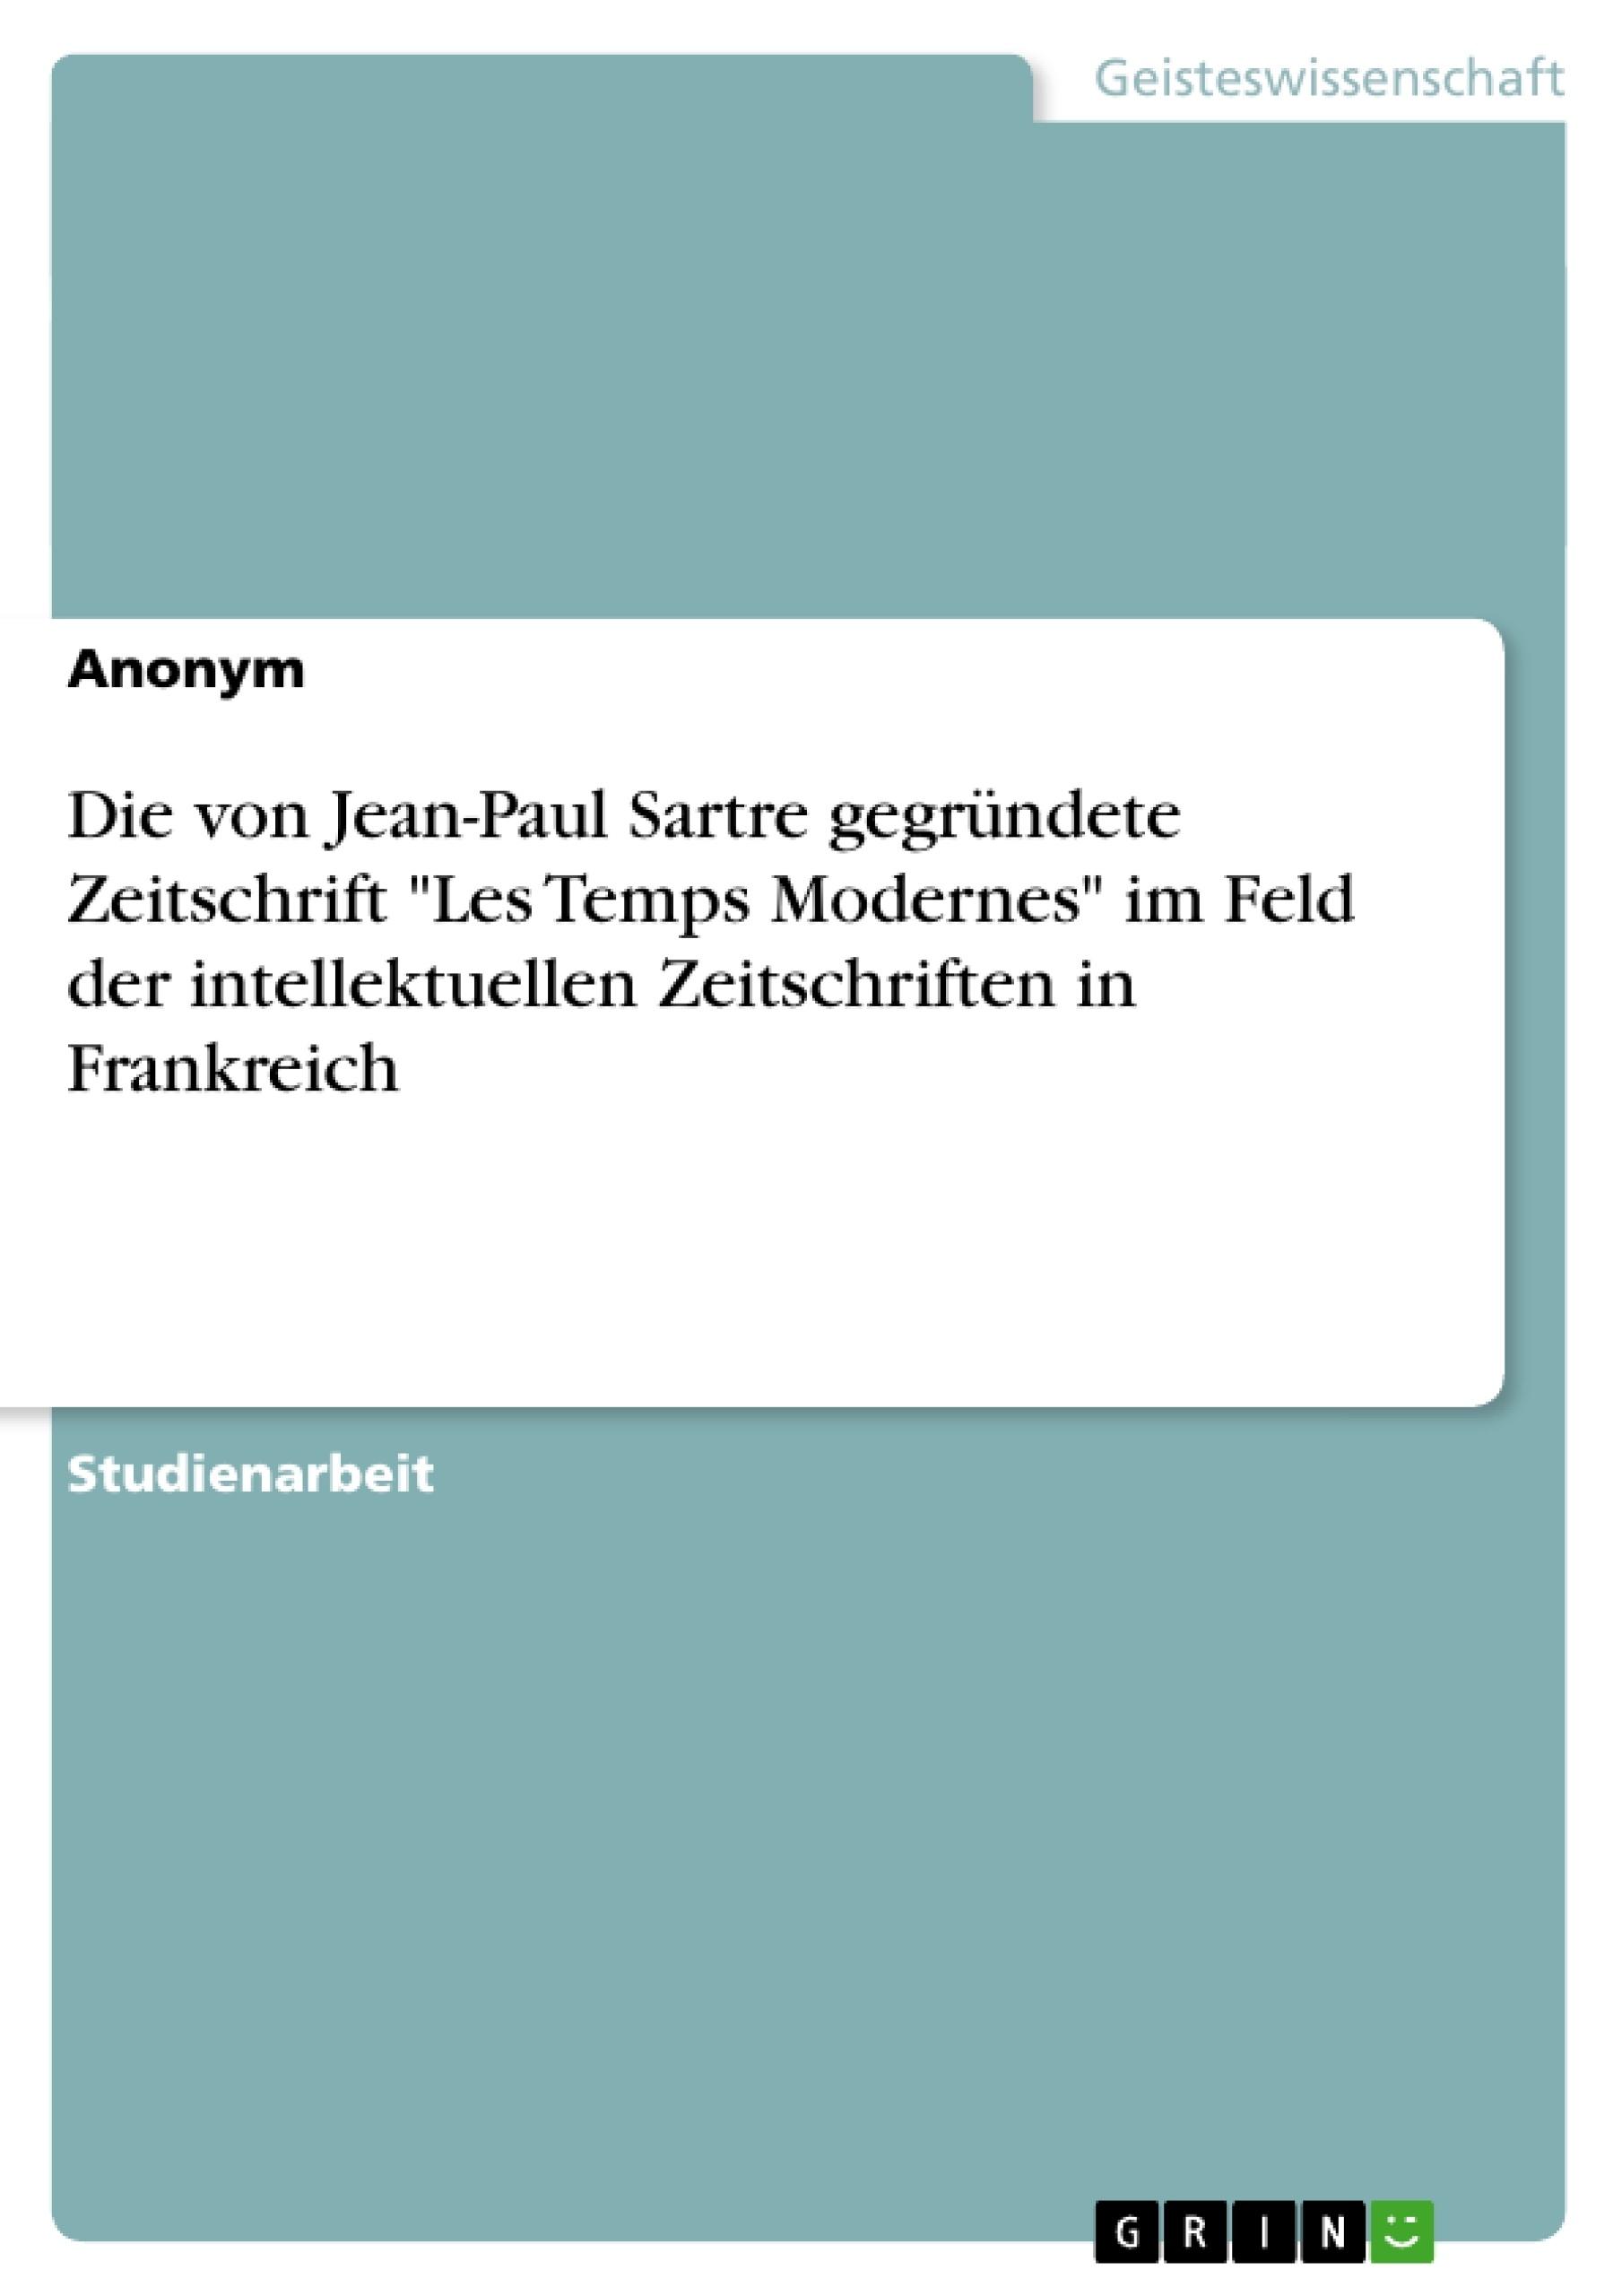 """Titel: Die von Jean-Paul Sartre gegründete Zeitschrift """"Les Temps Modernes"""" im Feld der intellektuellen Zeitschriften in Frankreich"""